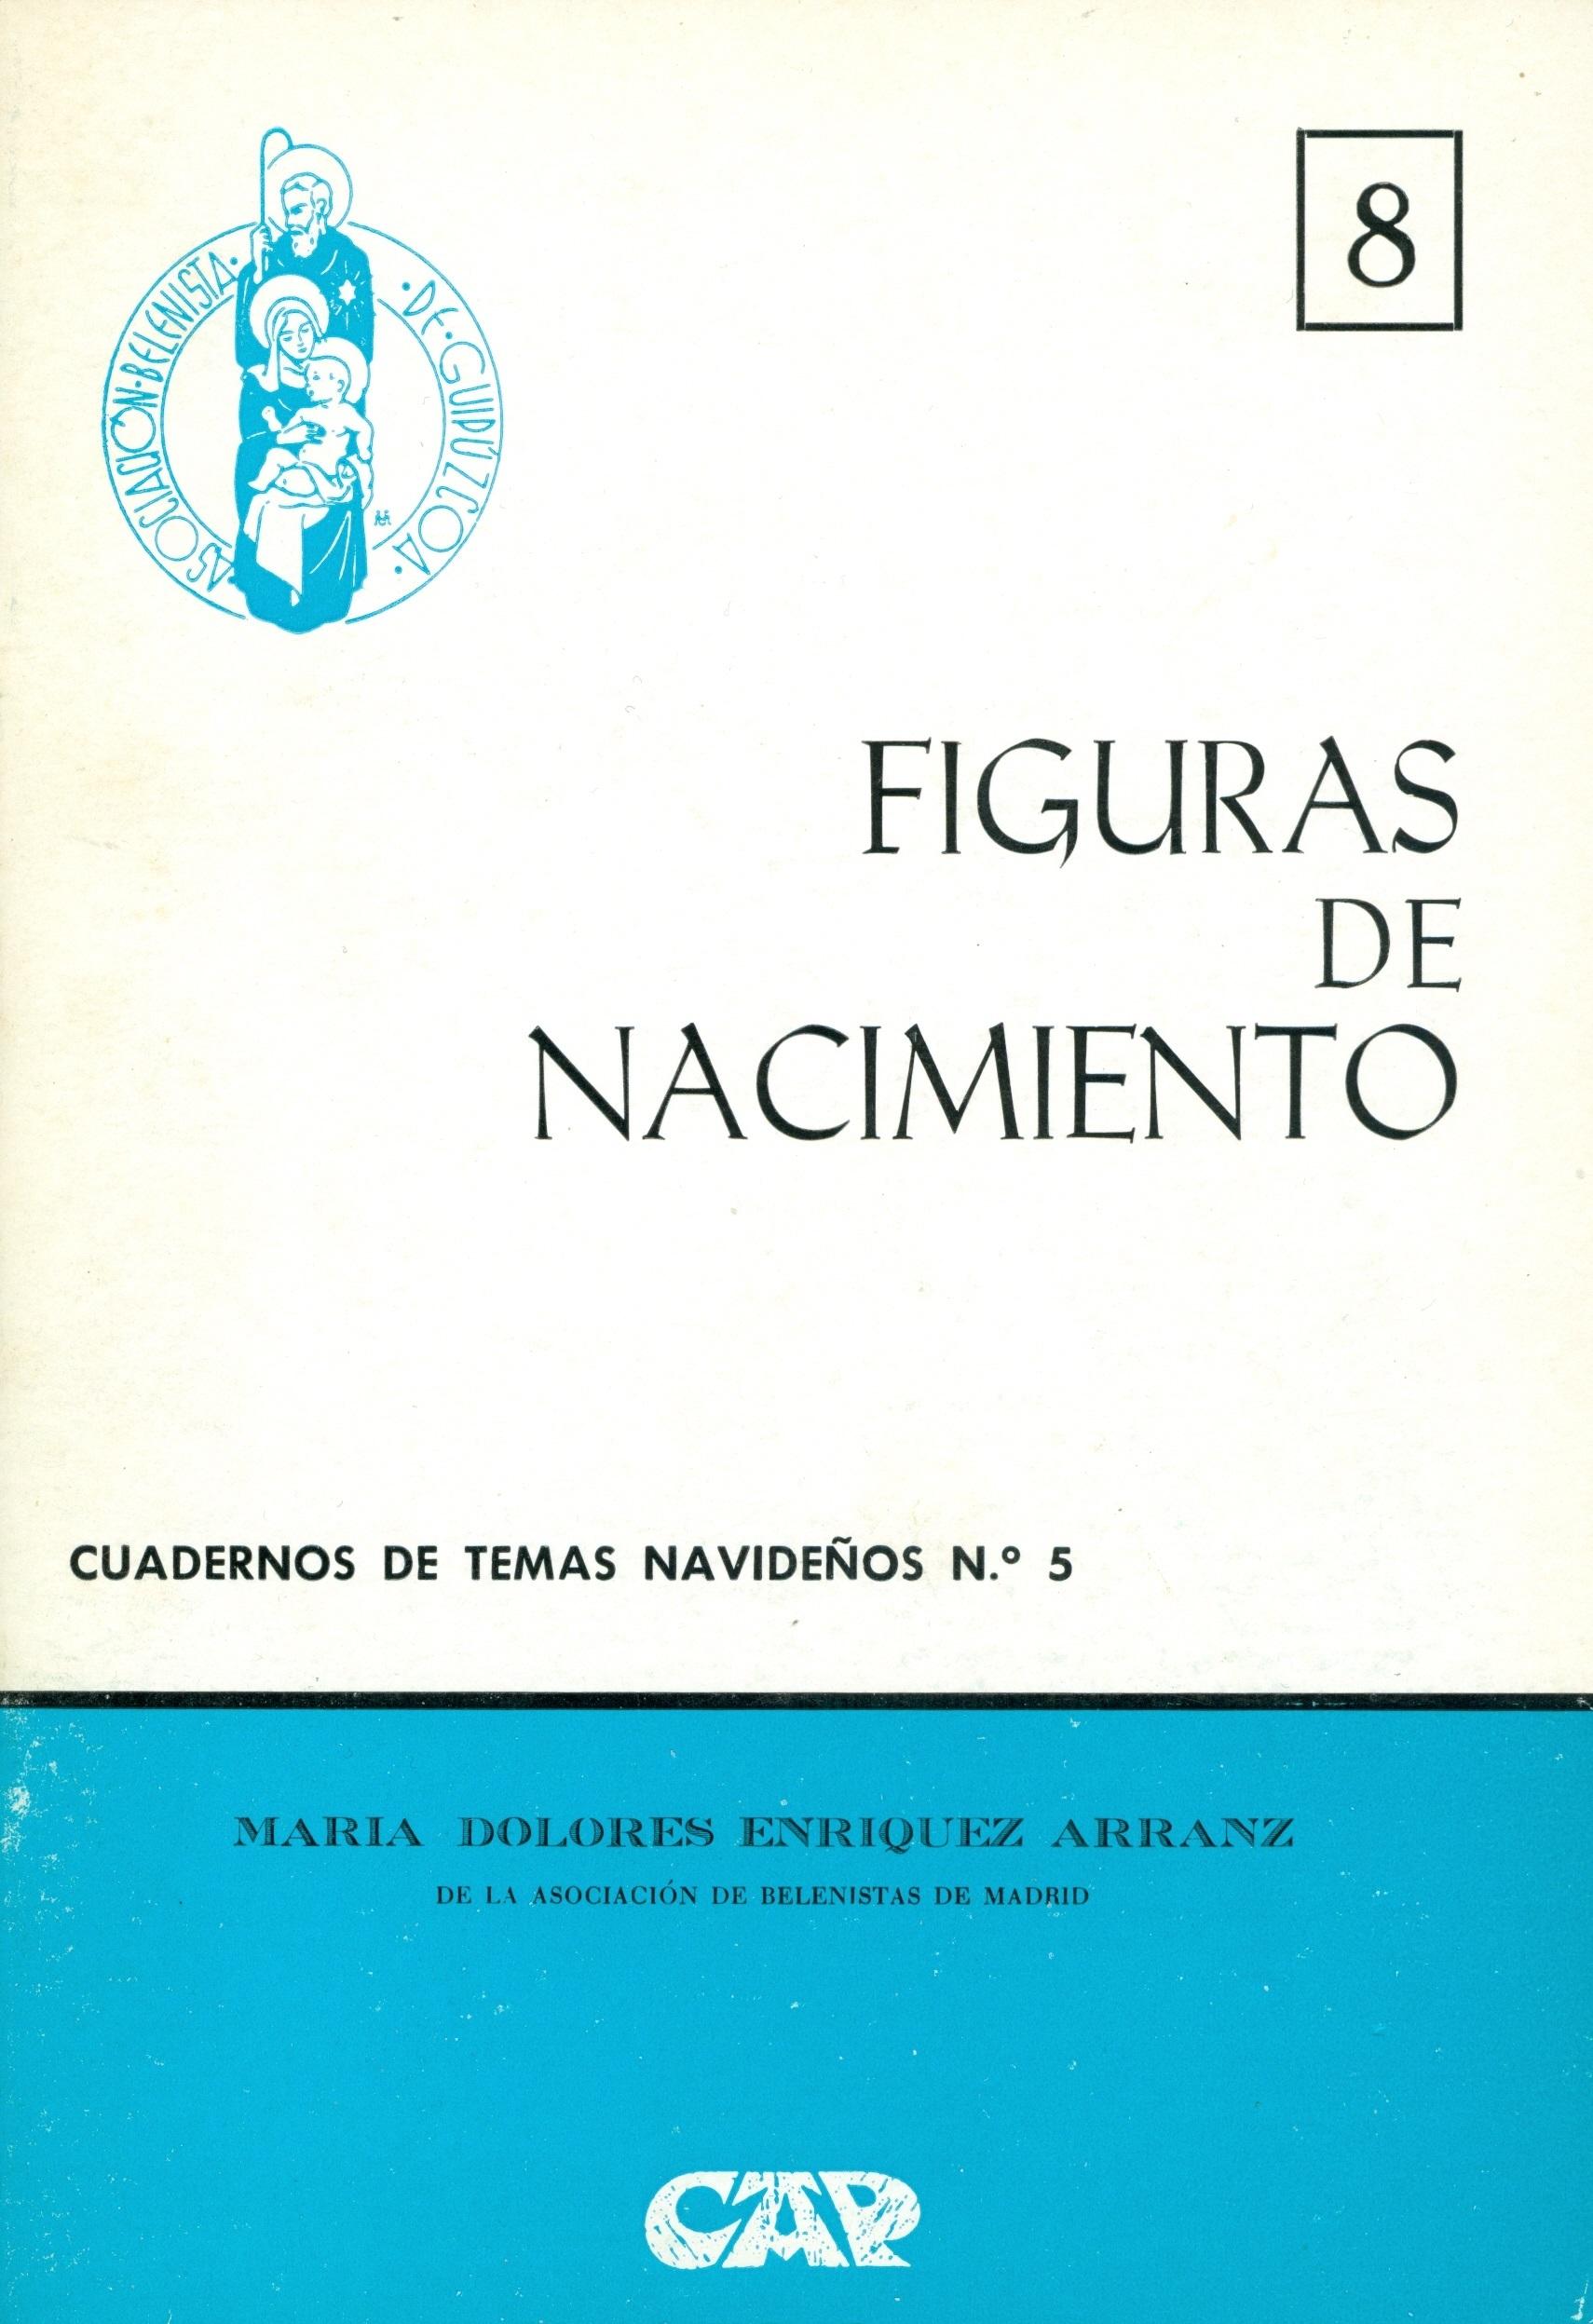 """Portada del Cuaderno de Temas Navideños nº 5, """"Figuras de nacimiento"""" escrito por María Dolores Enríquez Arranz y editado por la Asociación Belenista de Guipúzcoa (1975)"""